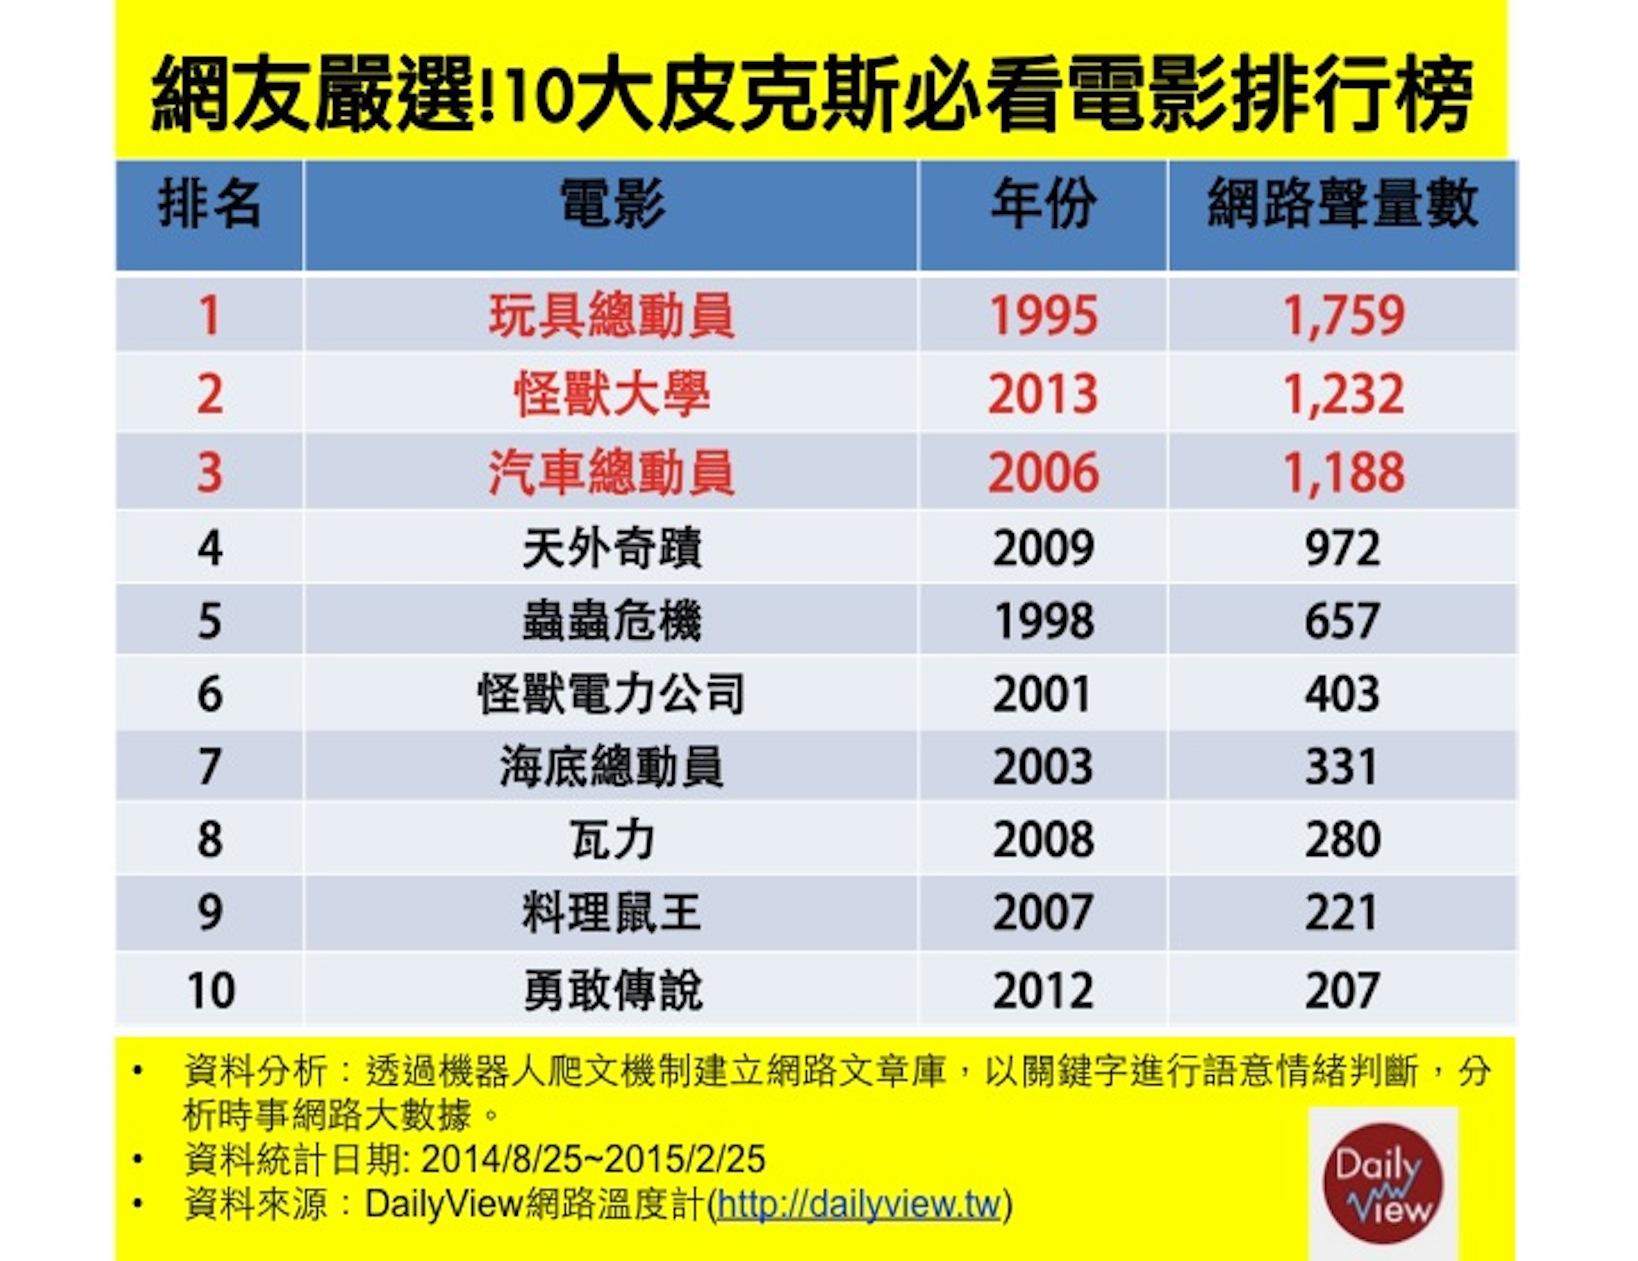 網友嚴選!10大皮克斯必看電影排行榜